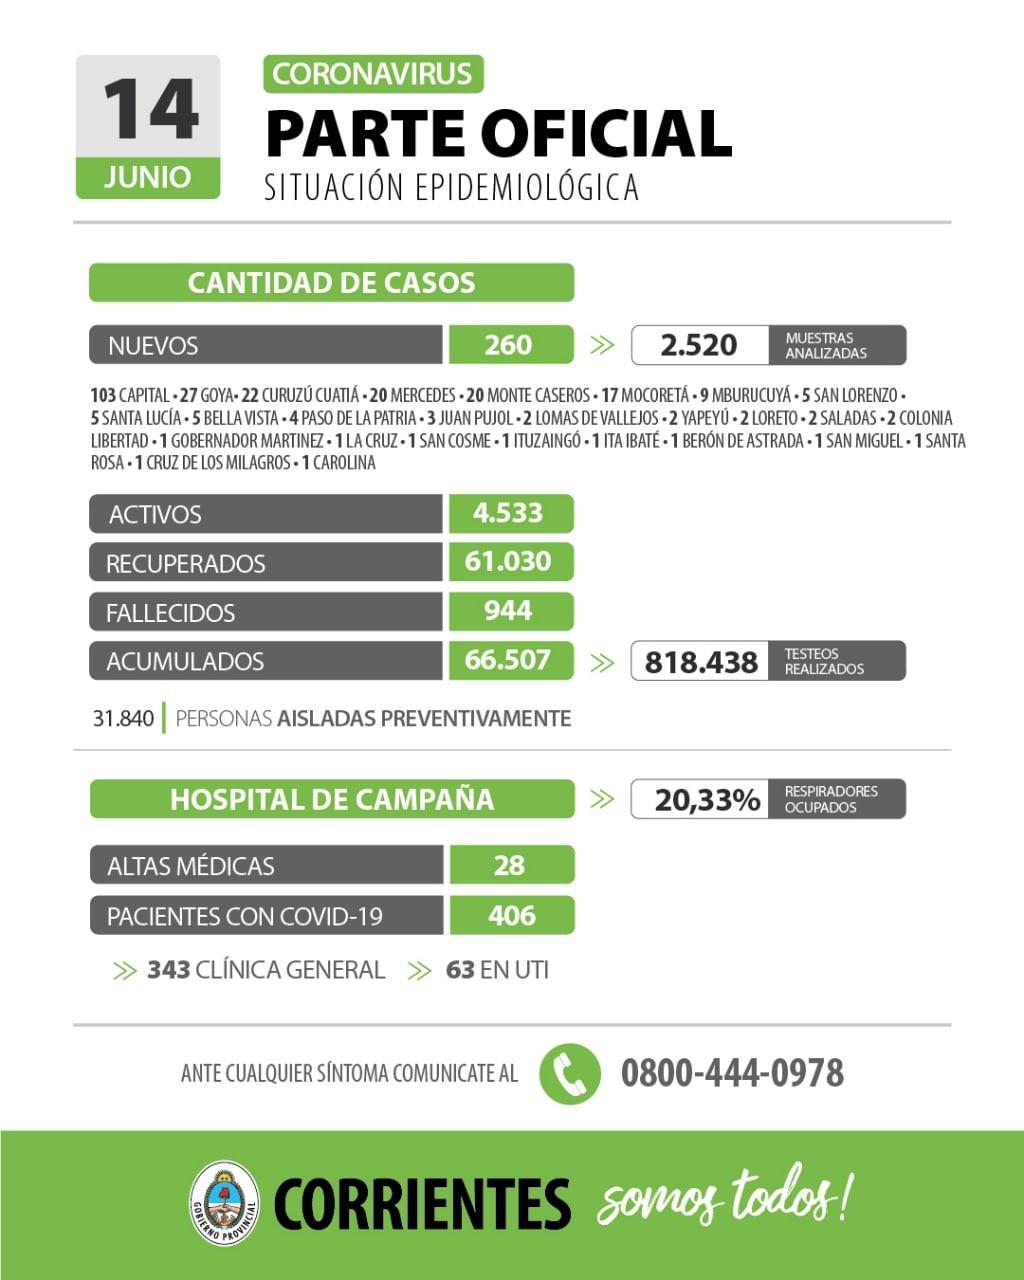 Informan de 260 nuevos casos de coronavirus en Corrientes